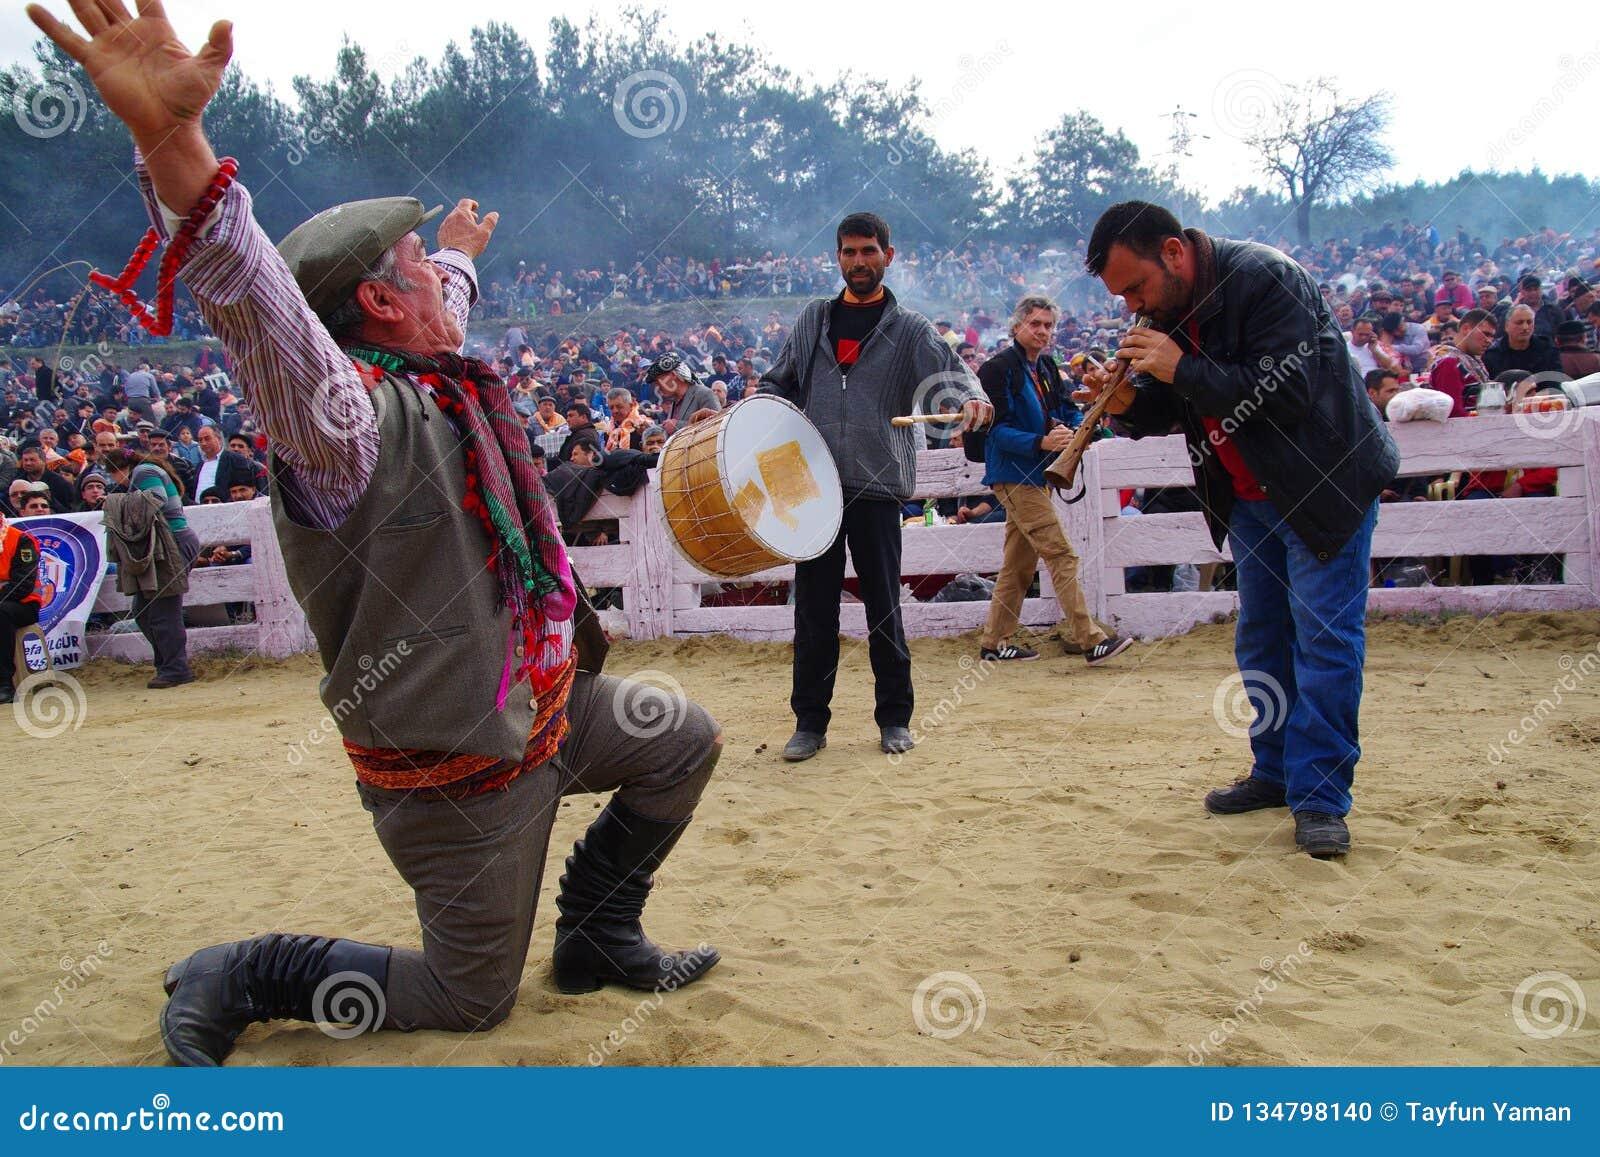 Homem egeu do dançarino popular que executa a dança por um joelho na terra com um baterista e um cristalino